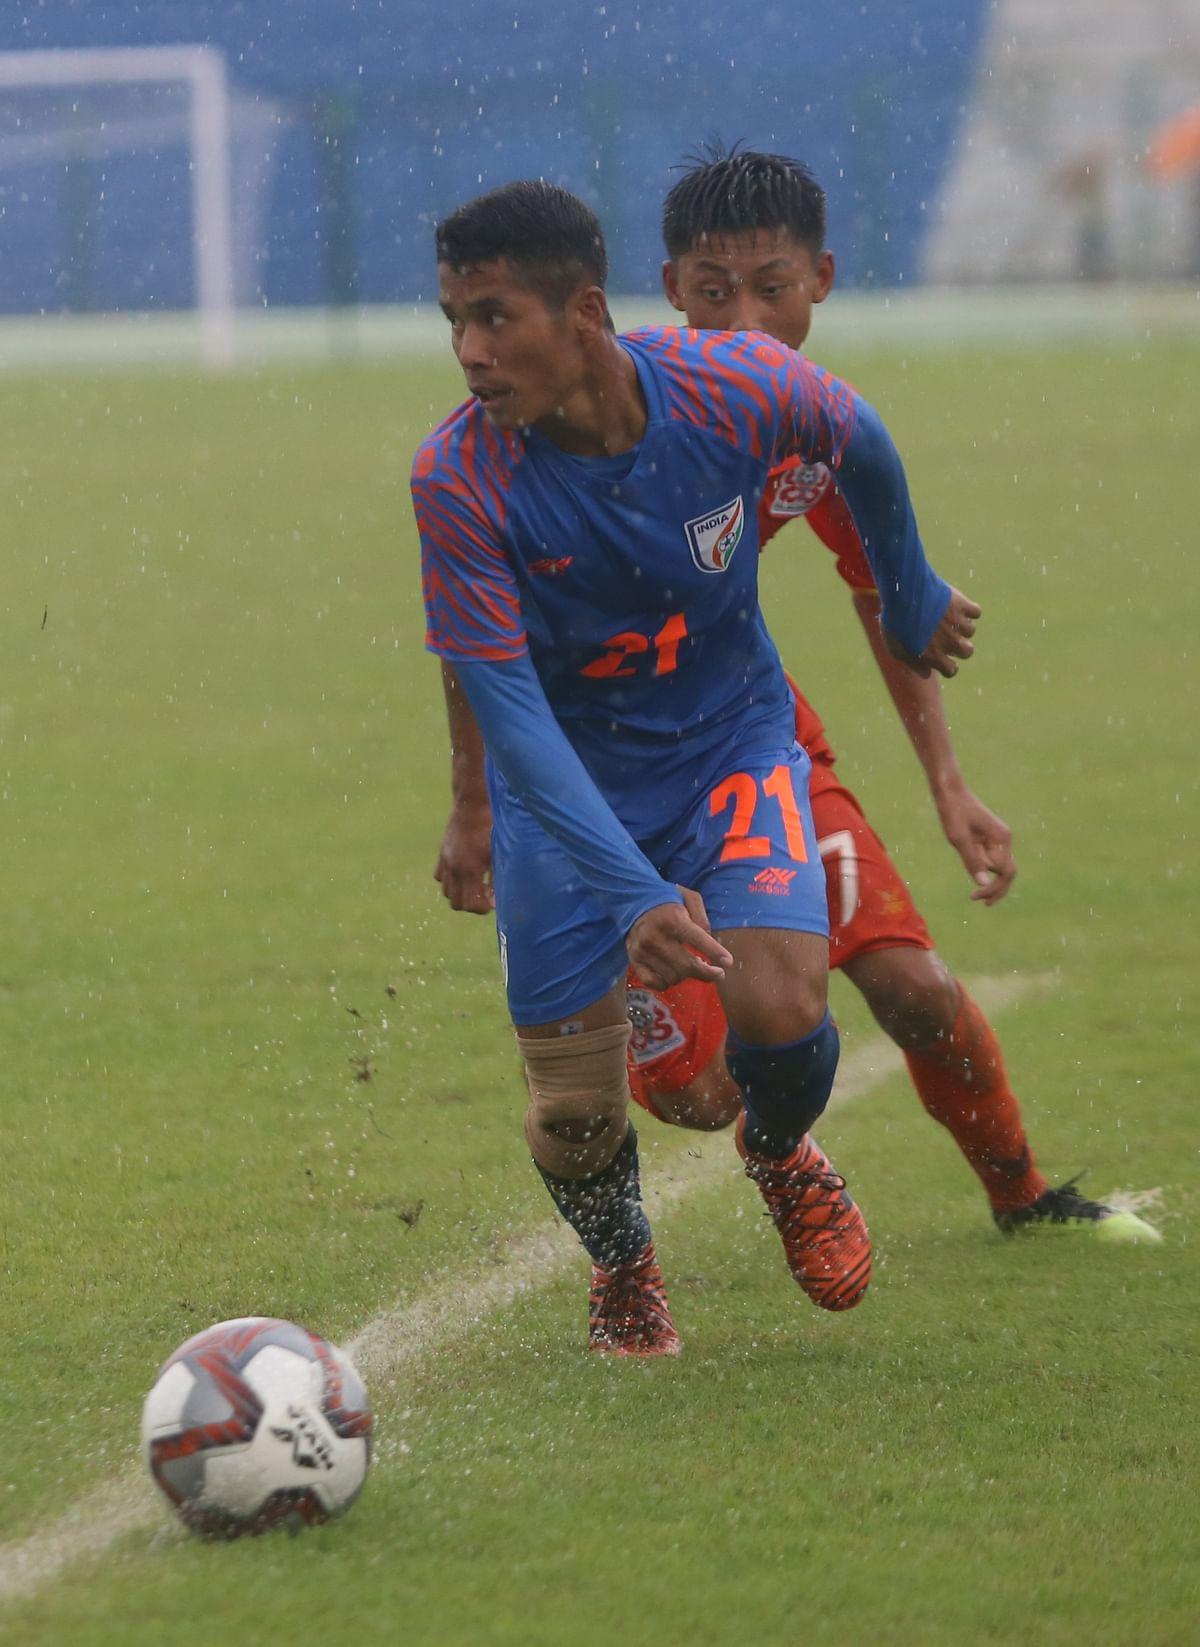 भारतीय युवा फुटबॉल संघाचे शिबिर गोव्यात शक्य